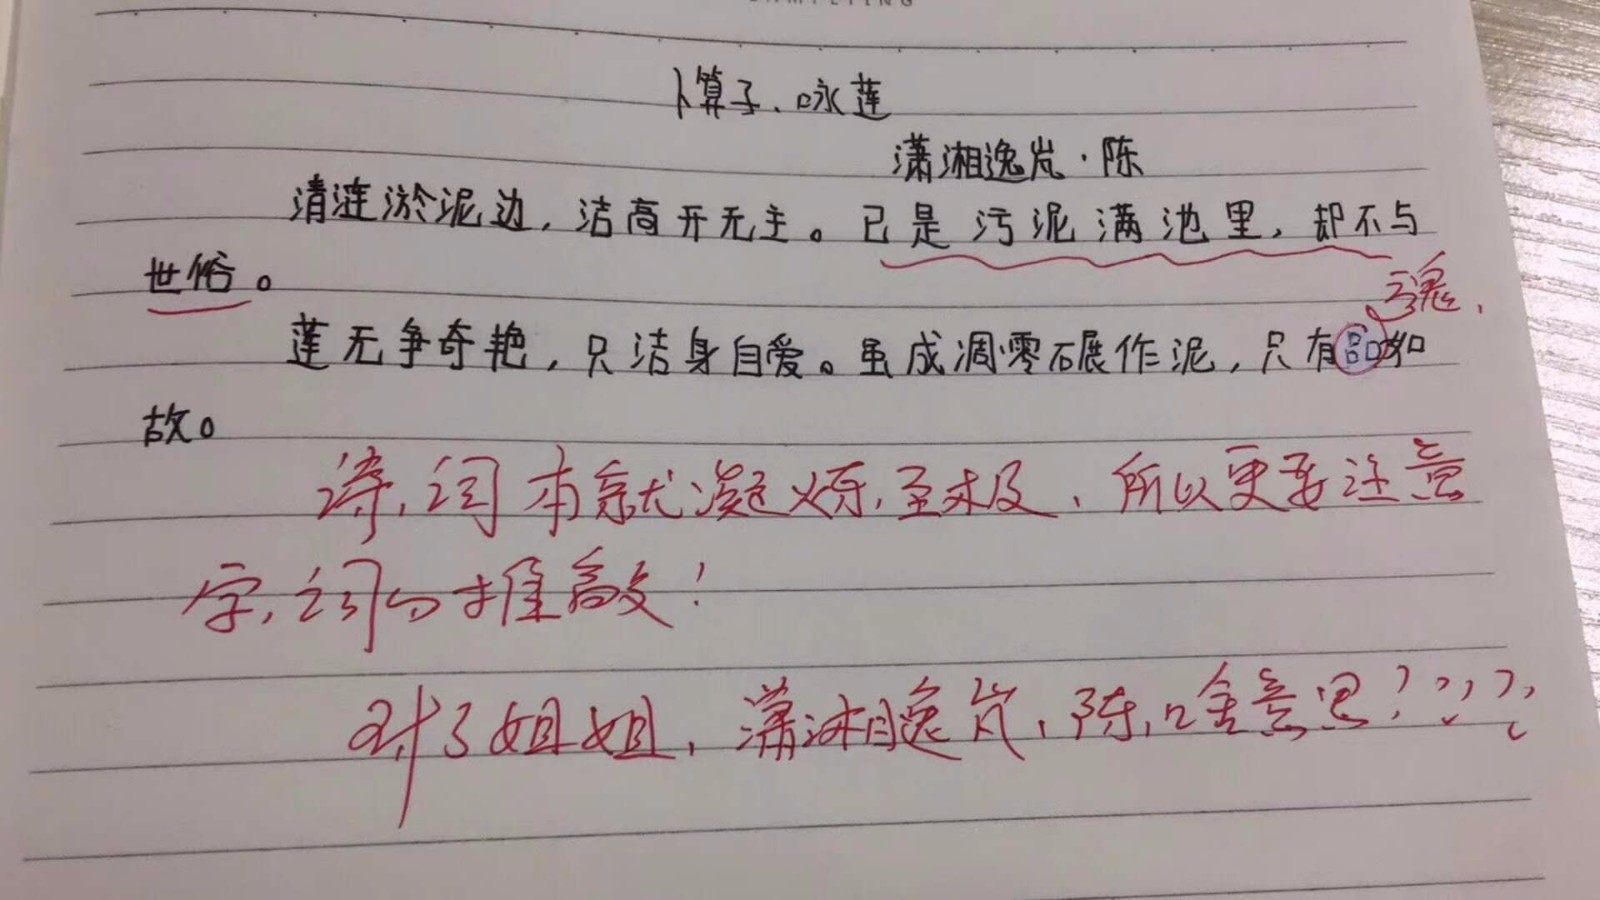 初二学生仿写宋词被指仅是填字 老师:先培养兴